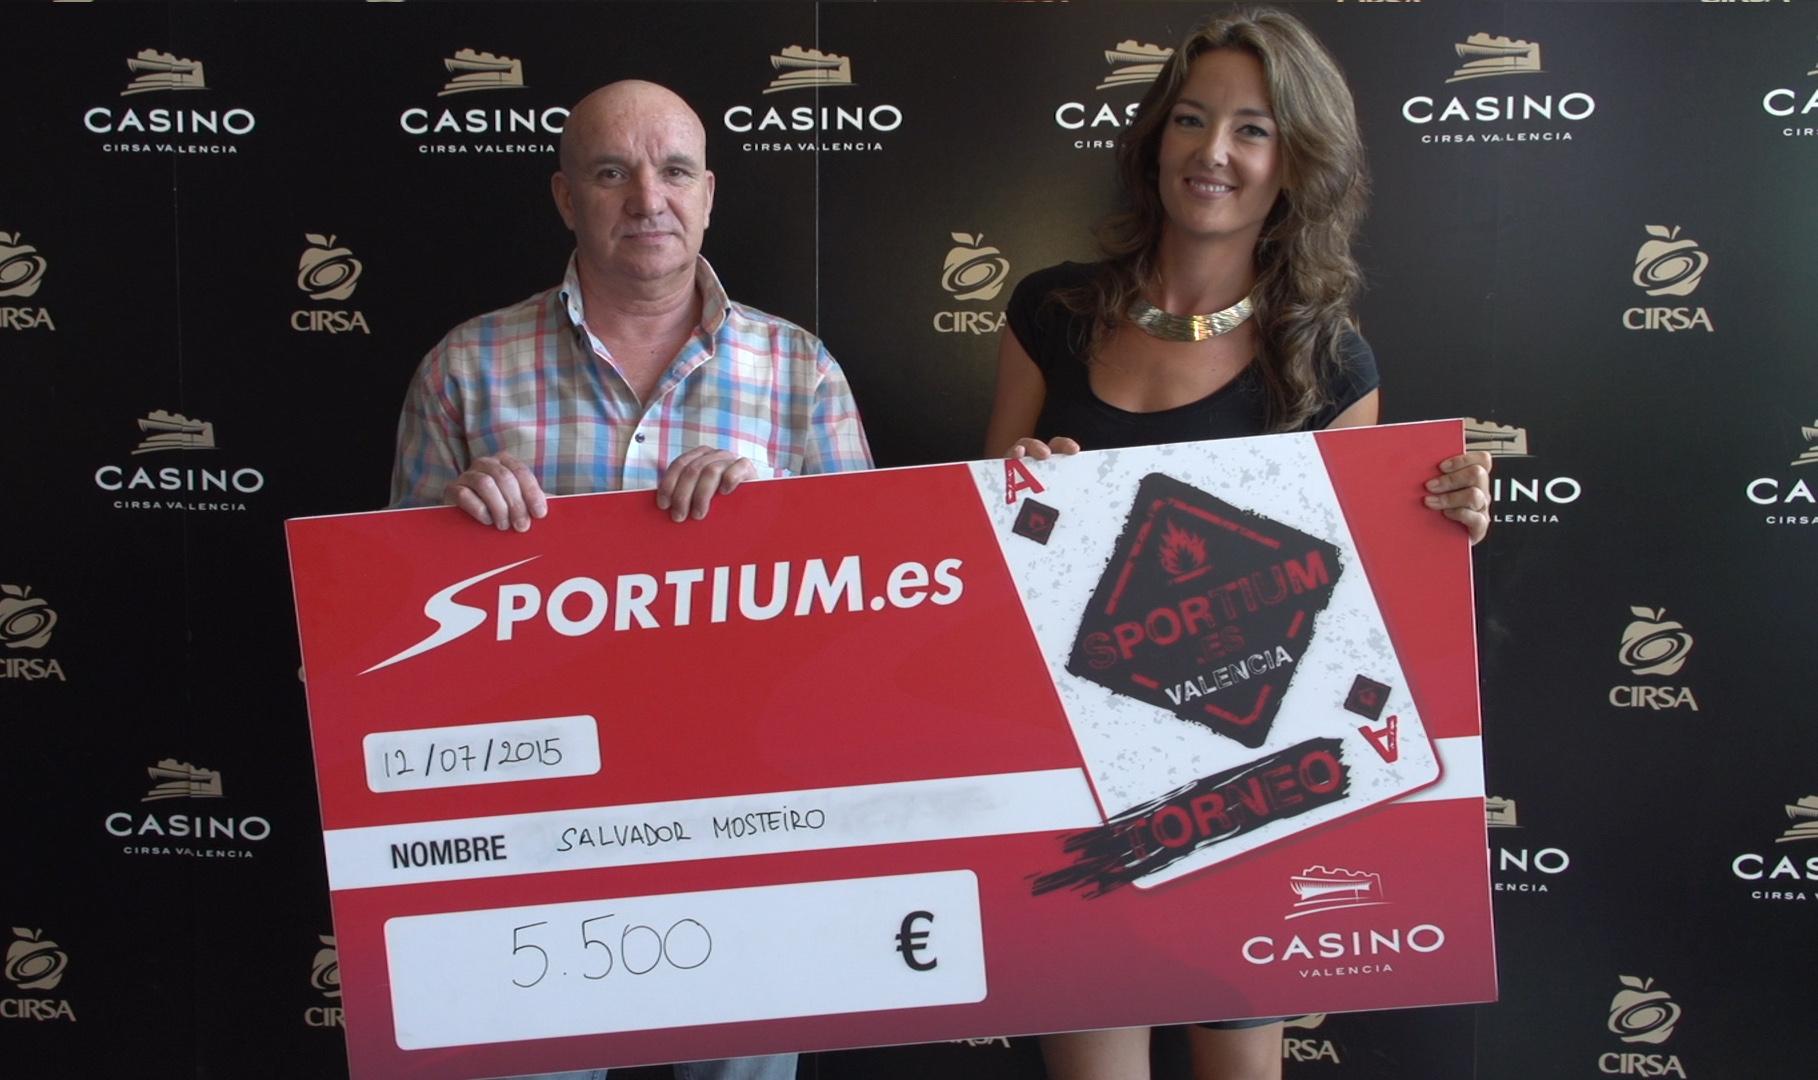 Sportium casino online www paf es-149968